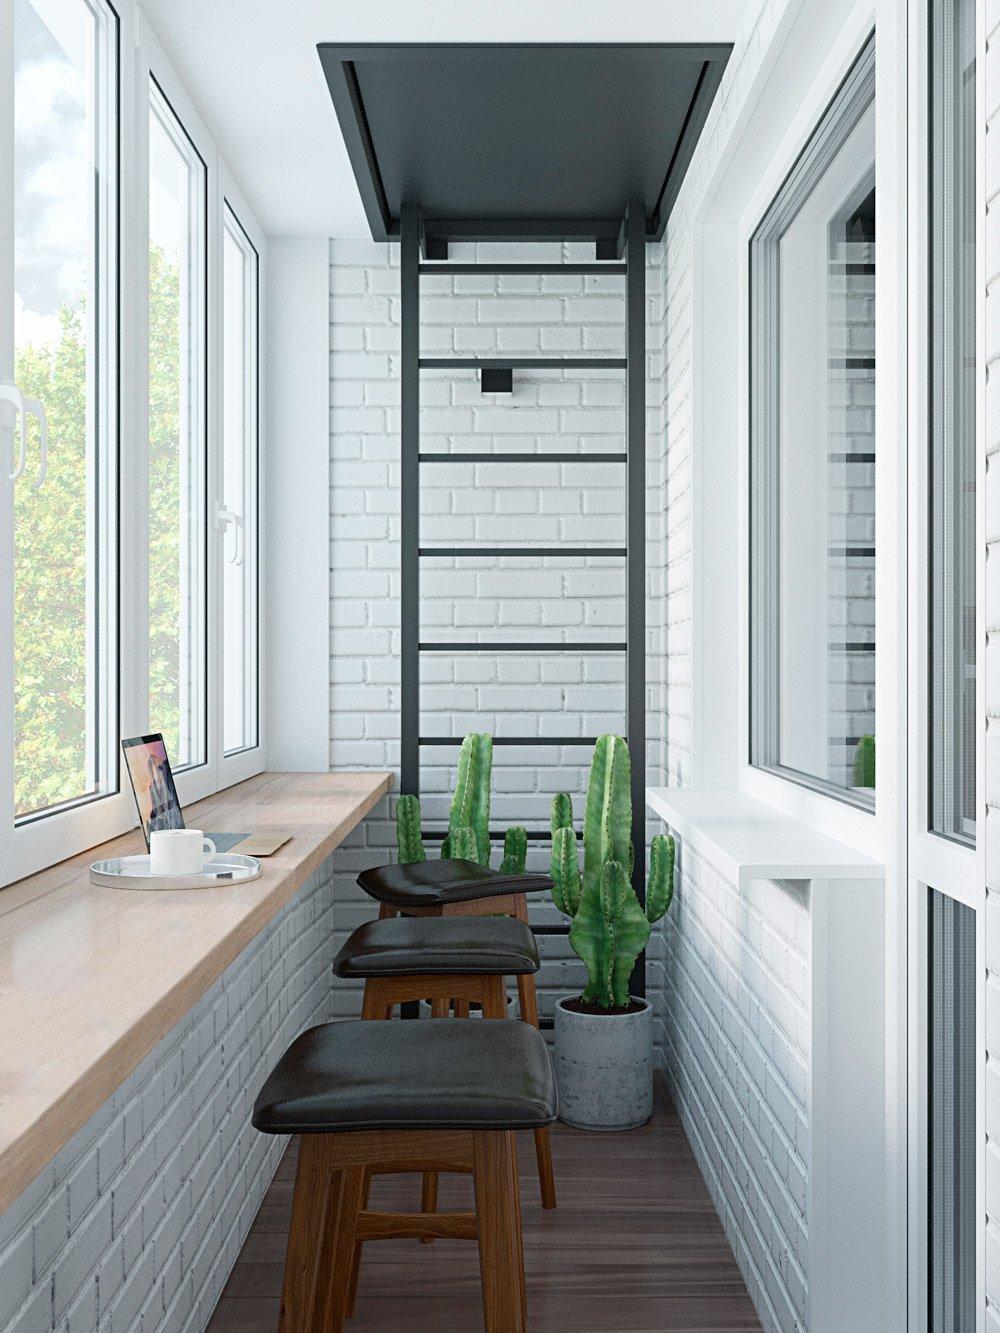 Фото балкона с кирпичными стенами